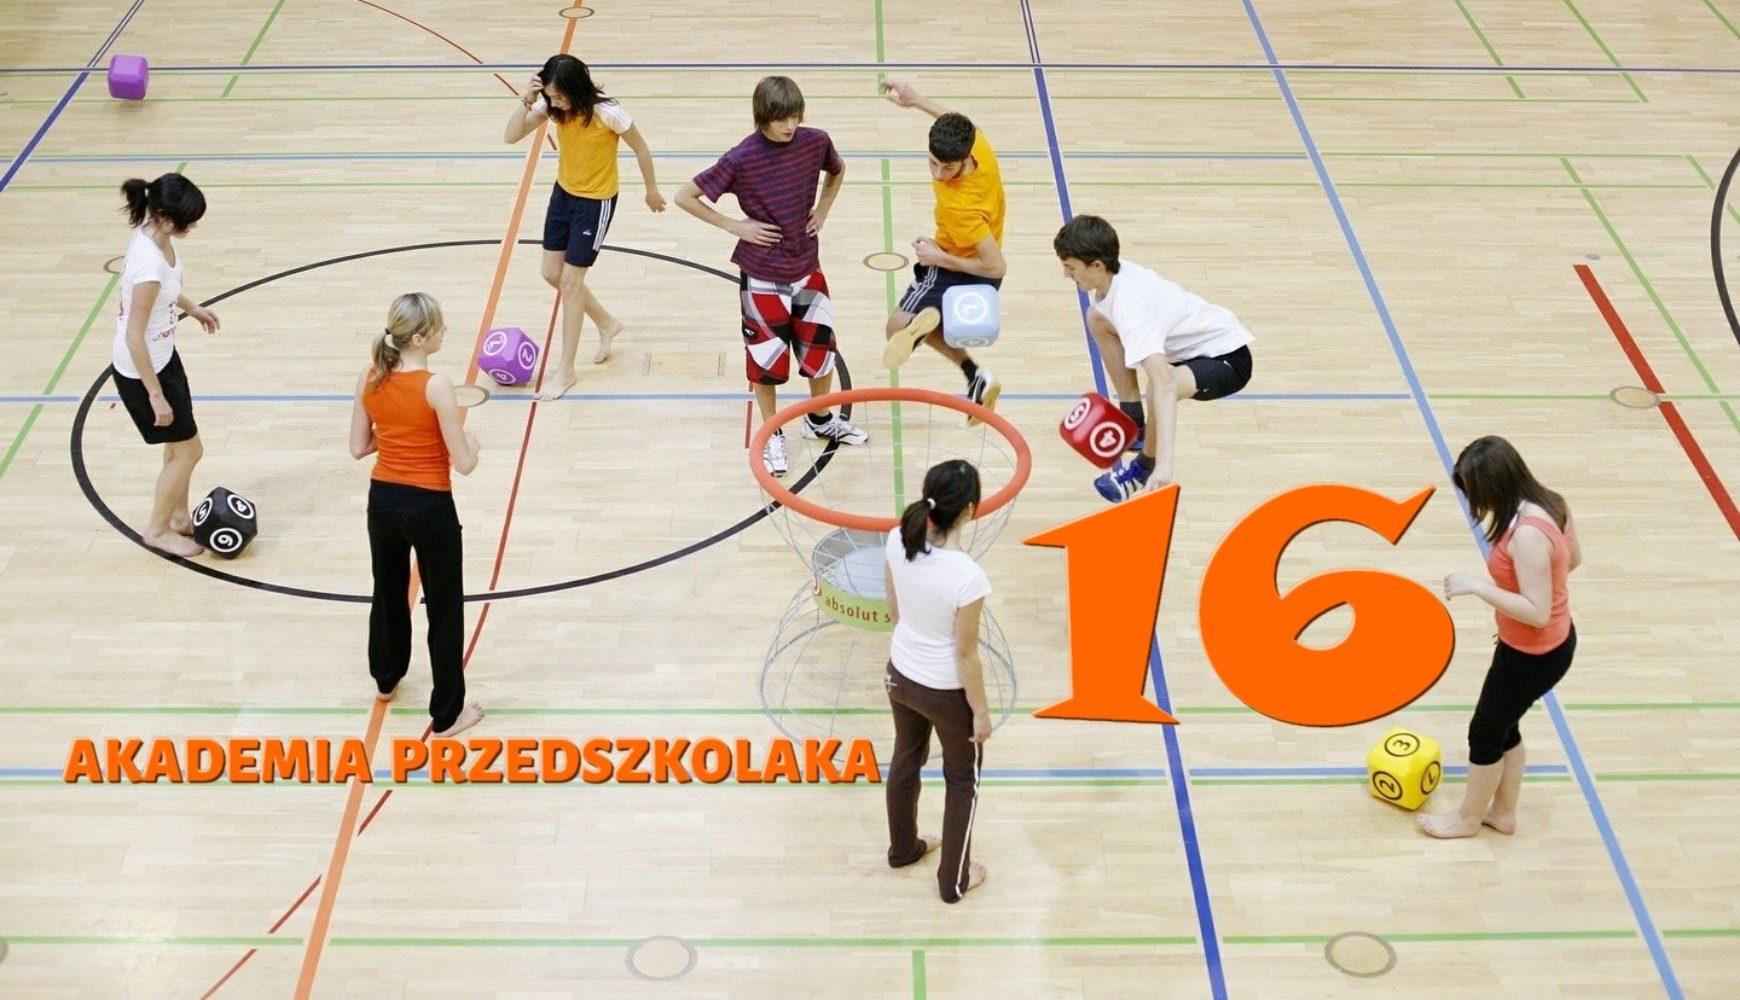 Ćwiczenia domowe – 16 – Akademia Przedszkolaka